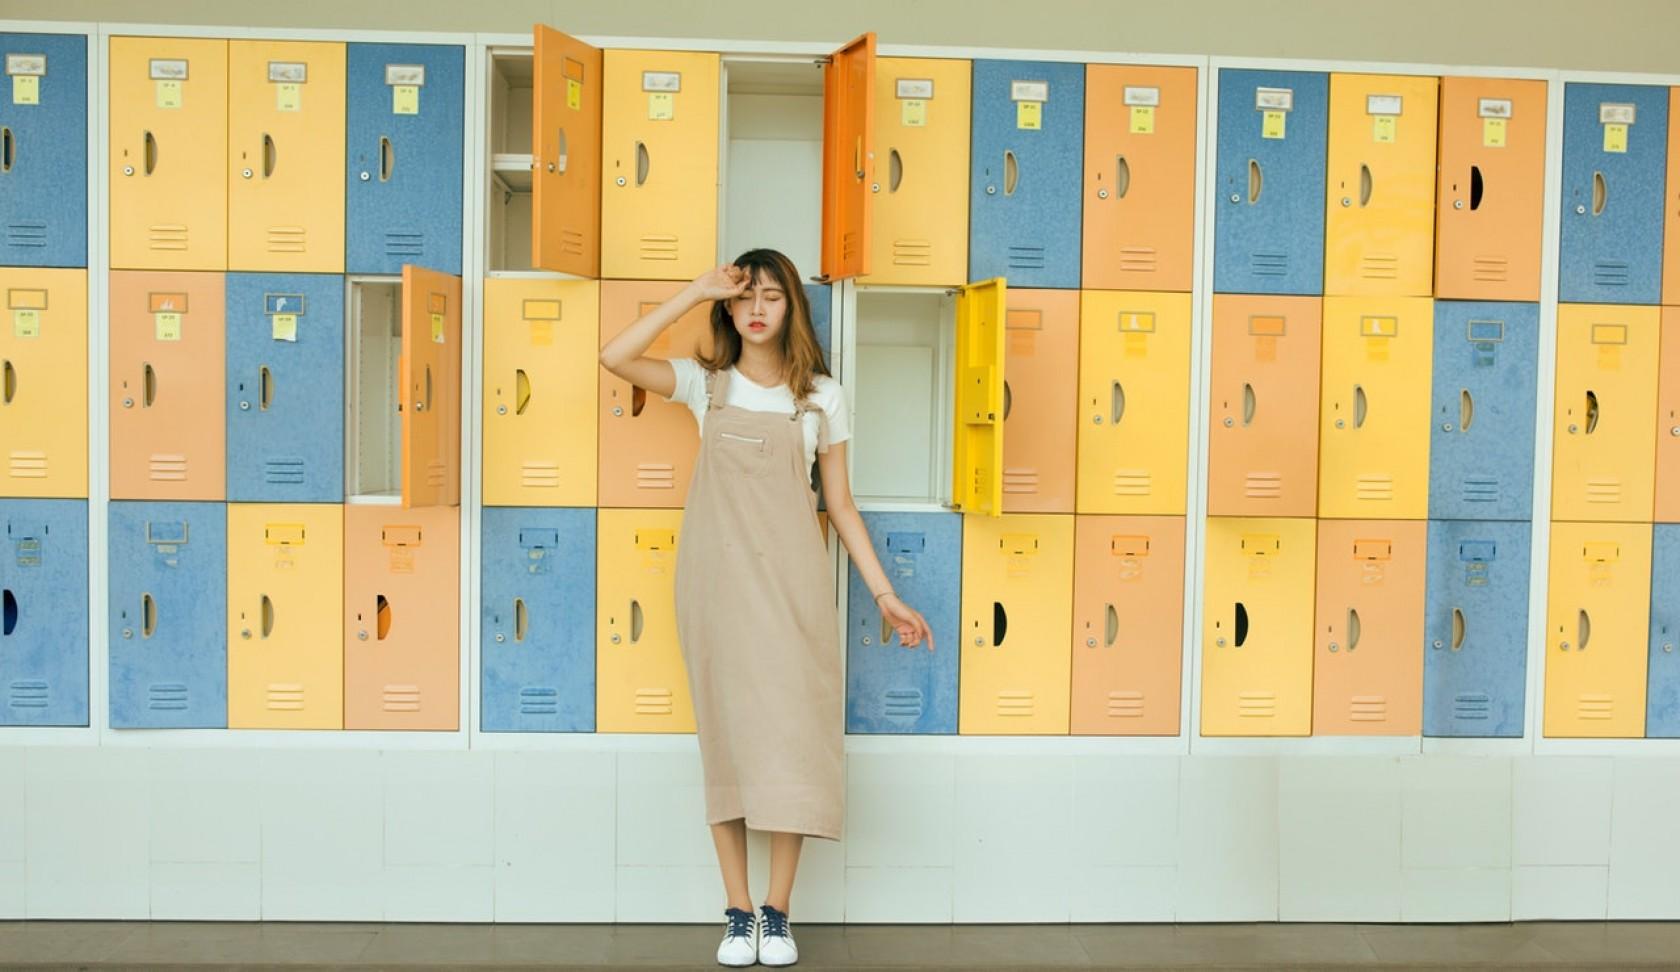 Kültürlerarası Lise Maturita Programları Başvuru Koşulları Nelerdir?